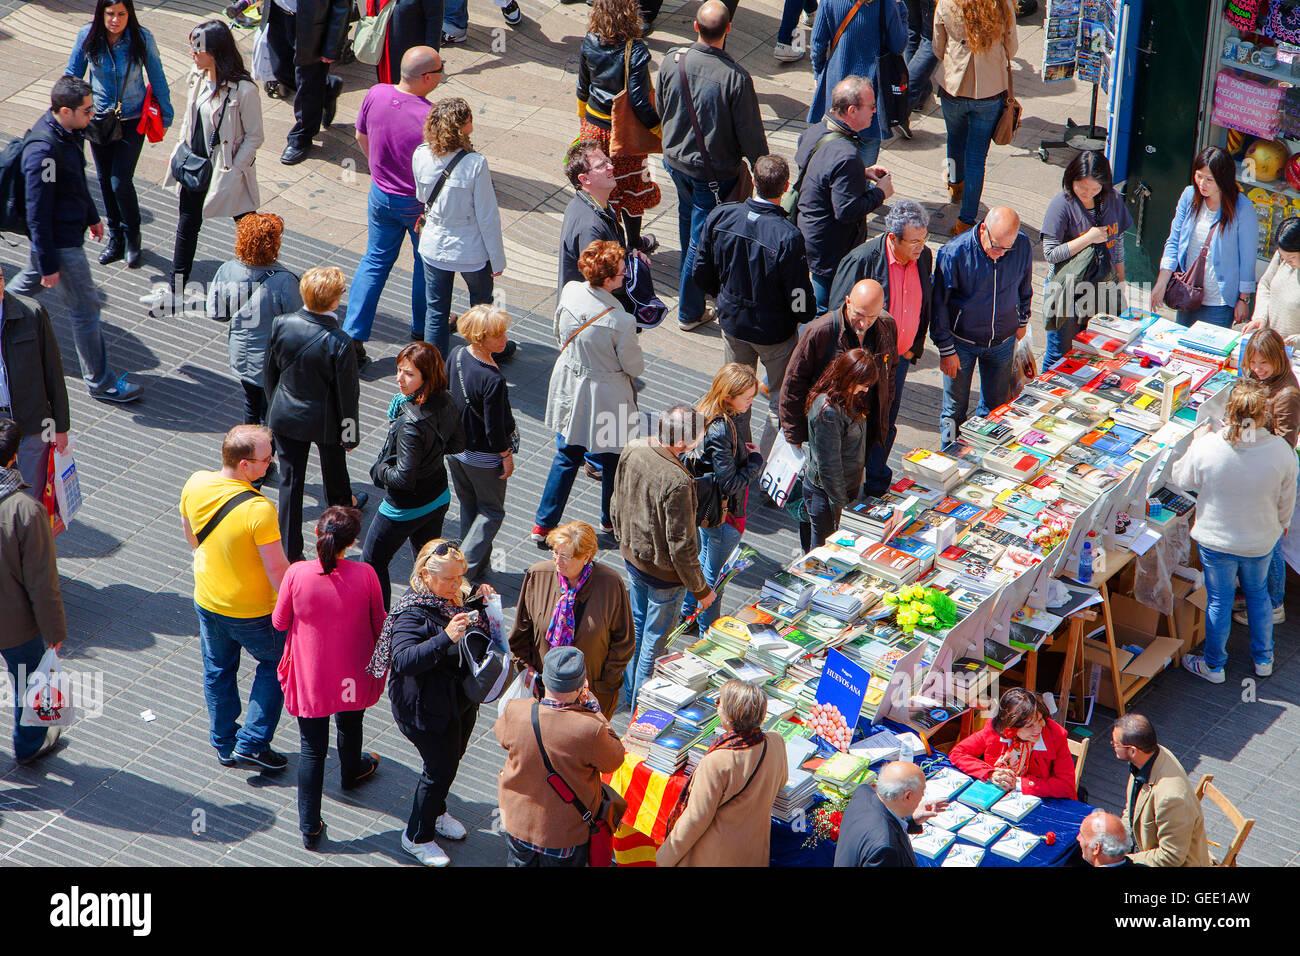 La Rambla,Sant Jordi's Day (23 aprile) ,Barcelona Catalonia,Spagna Immagini Stock